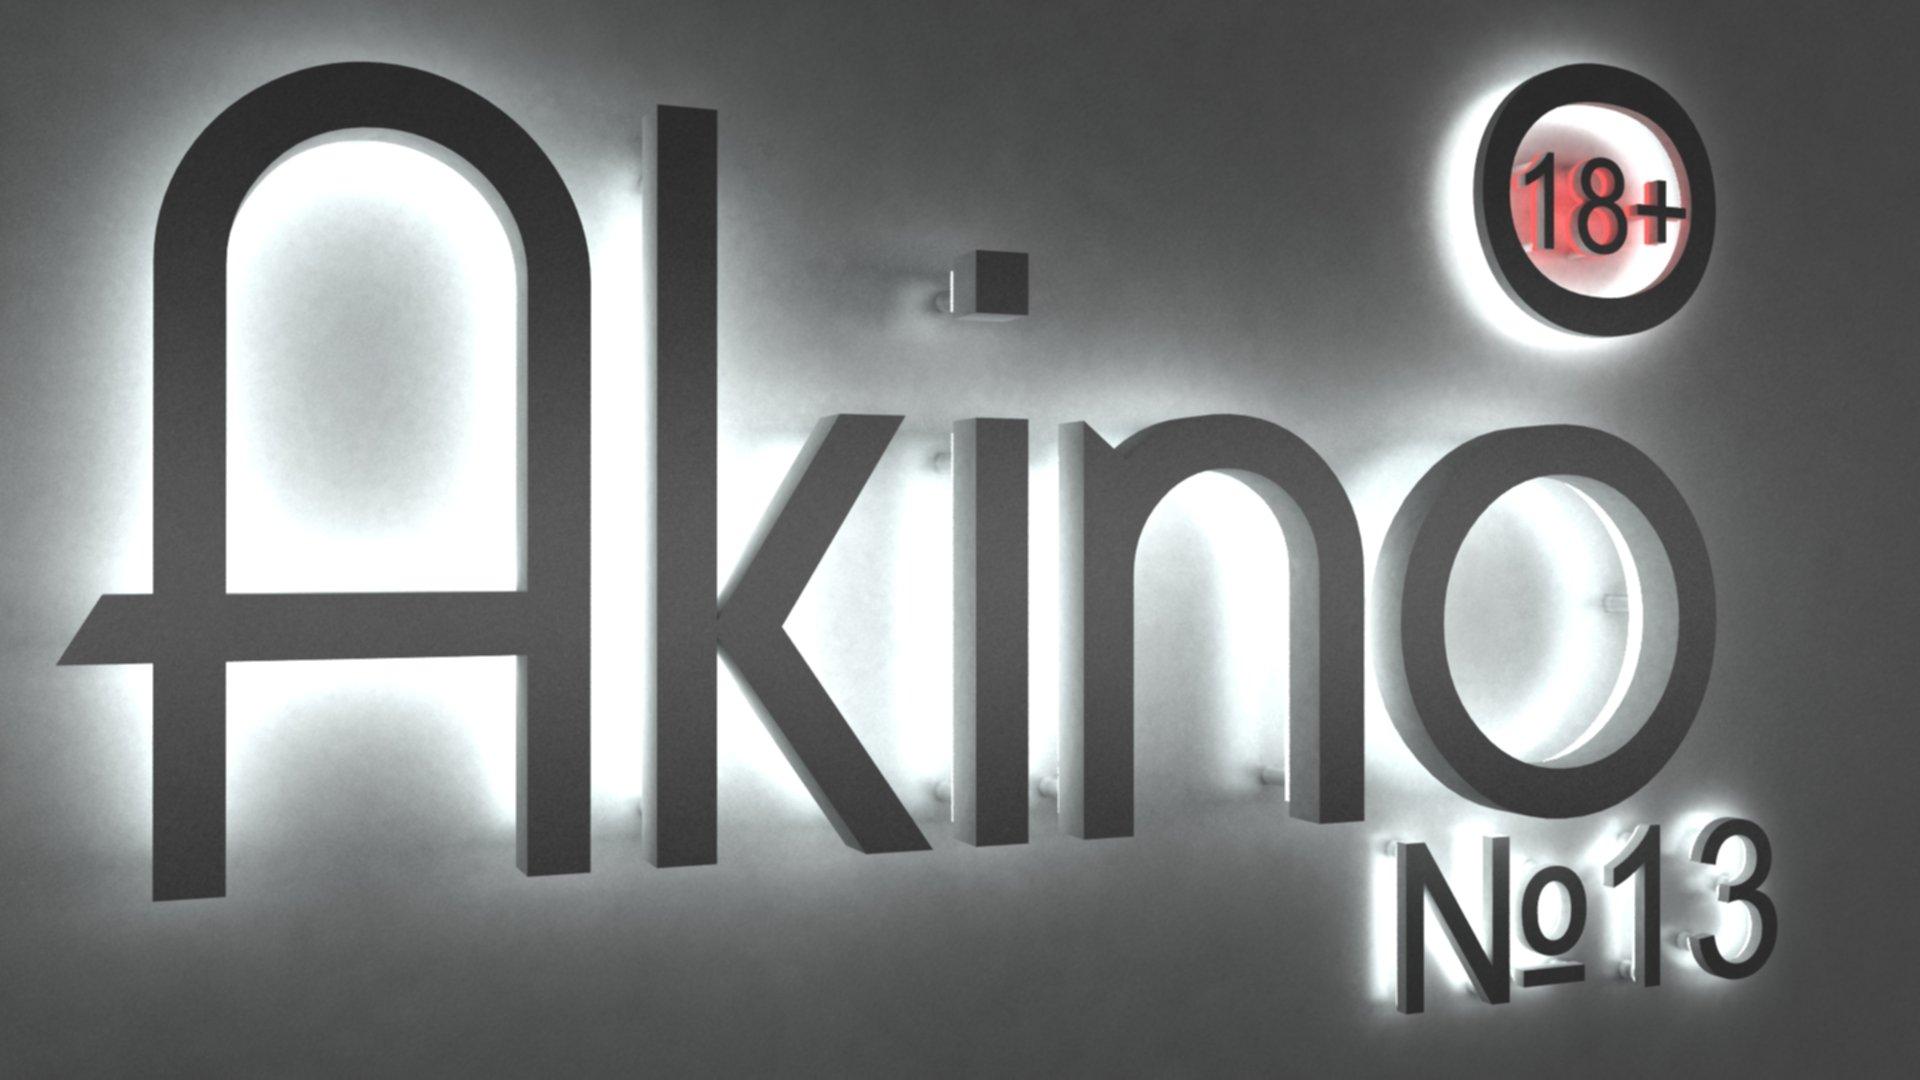 Подкаст AkiNO Выпуск № 13 (18+) - Изображение 1